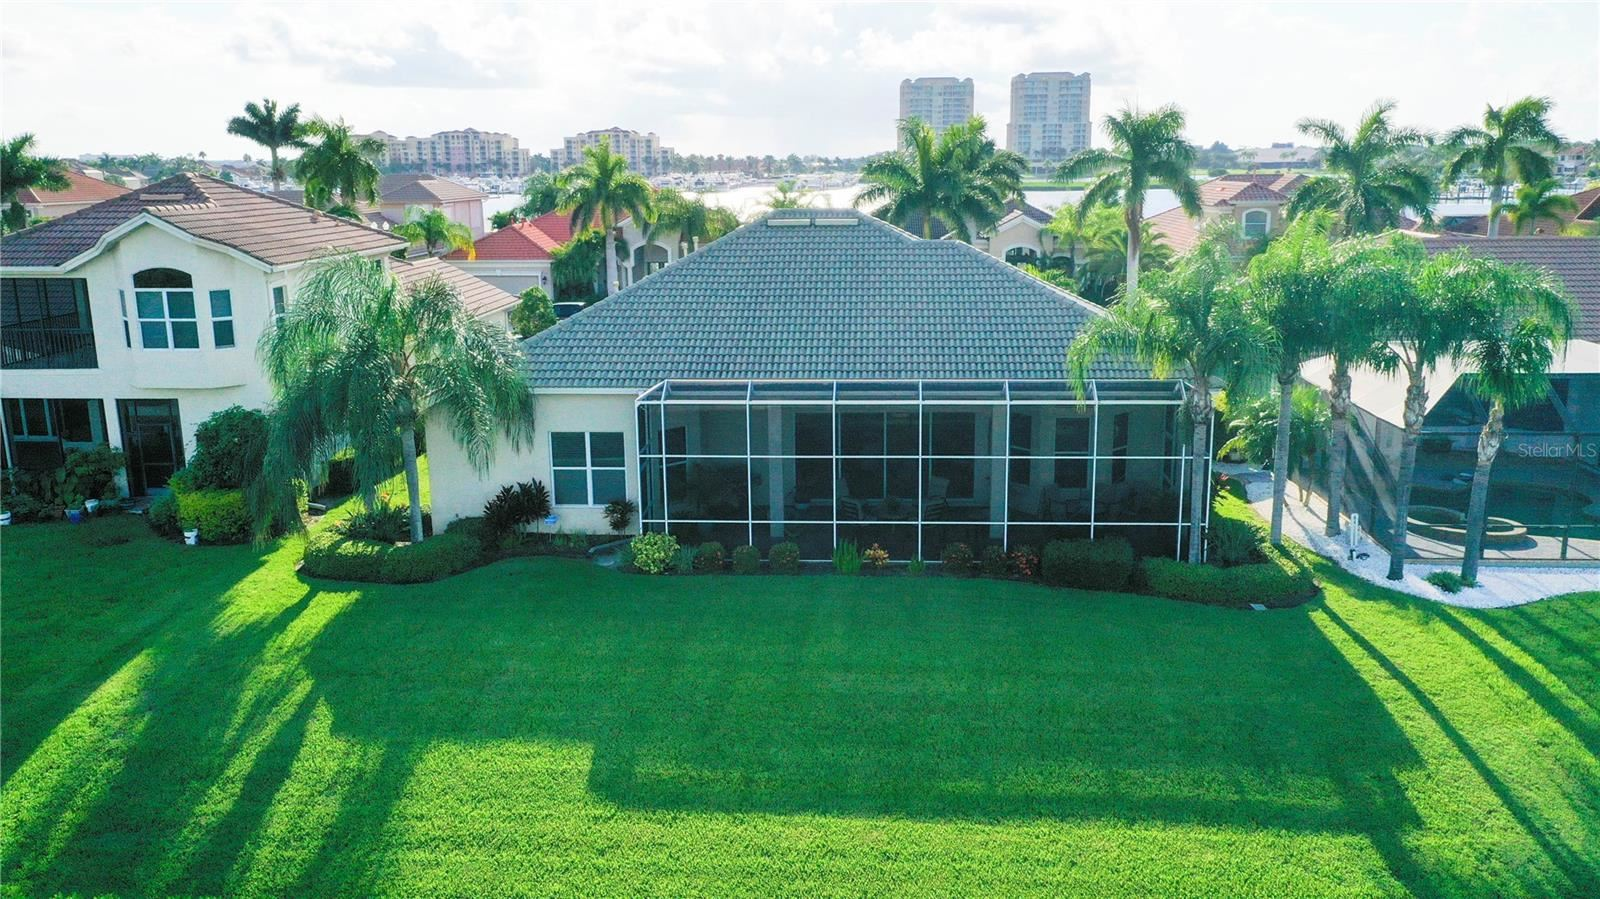 Photo of 124 12TH AVENUE E, PALMETTO, FL 34221 (MLS # A4512084)